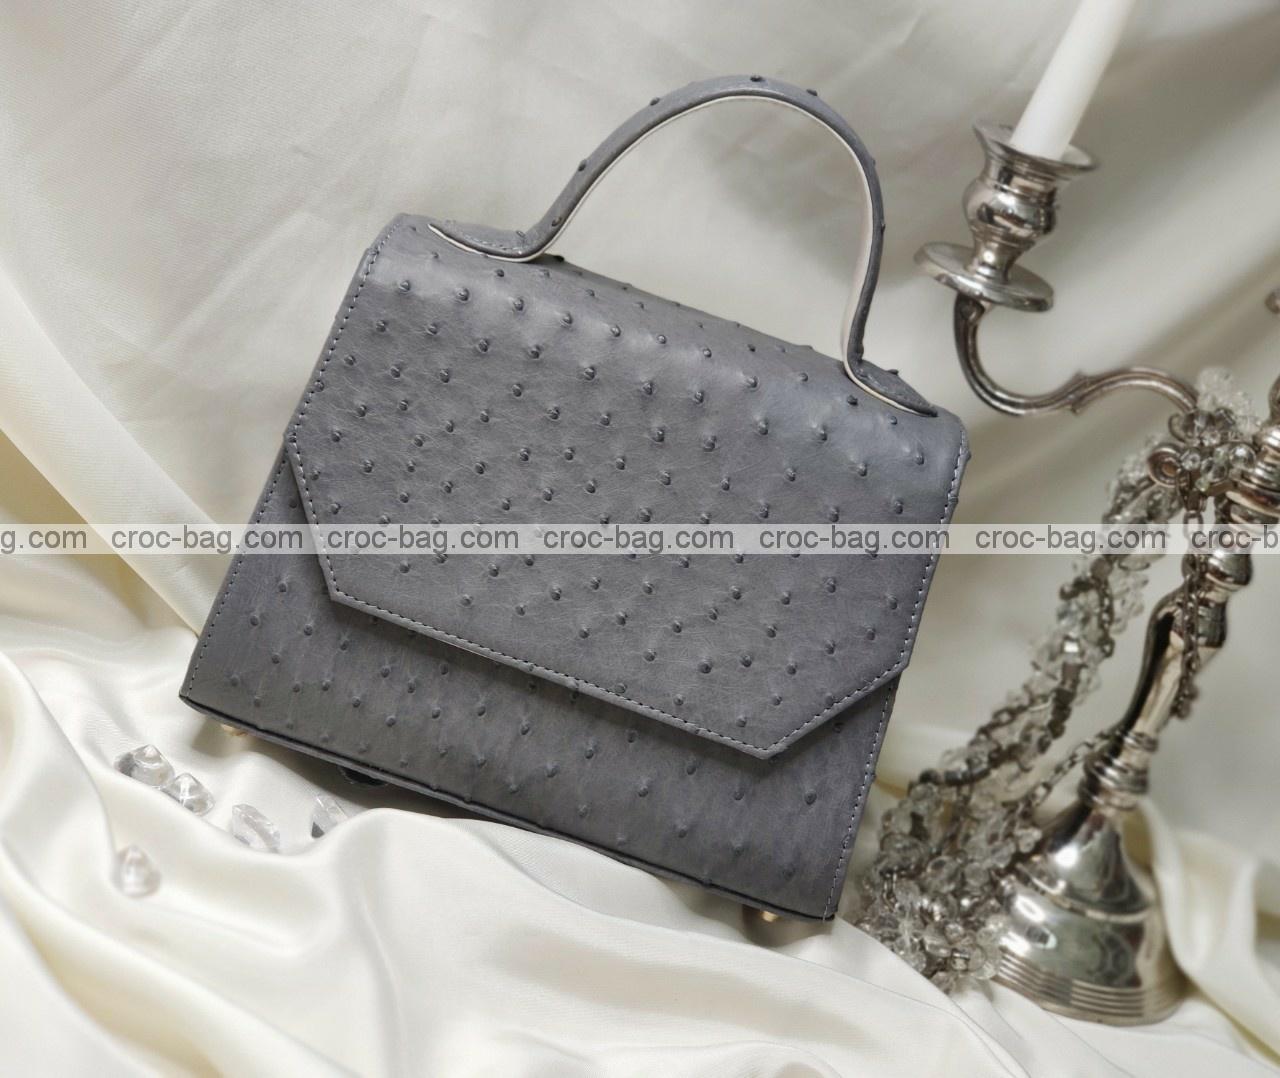 กระเป๋าหนังนกกระจอกเทศหรับผู้หญิง 5283